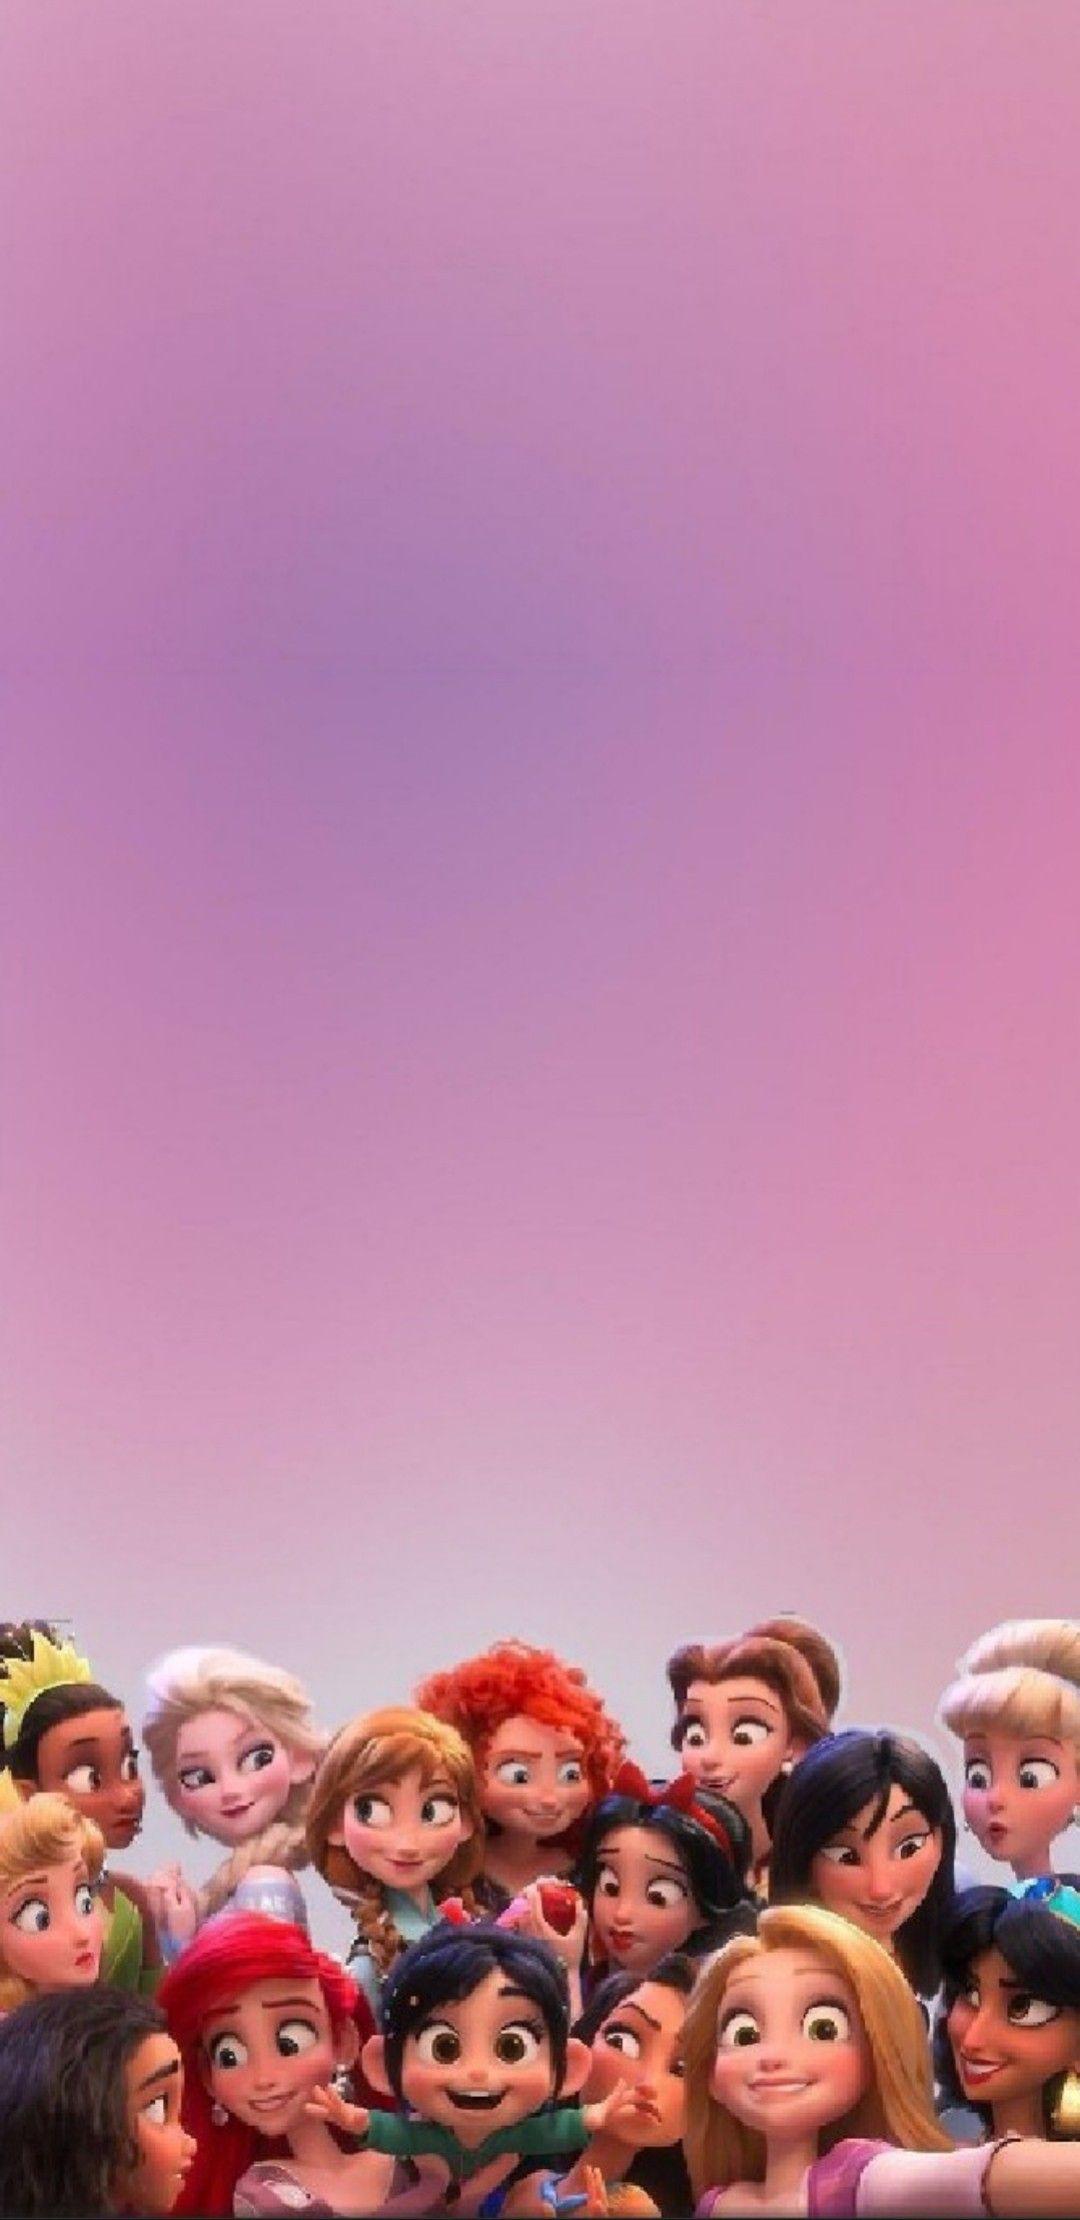 Pin De Sofia Lamas Em Wallpaper Wallpapers Bonitos Desenhos De Personagens Da Disney Papel De Parede Fofo Disney